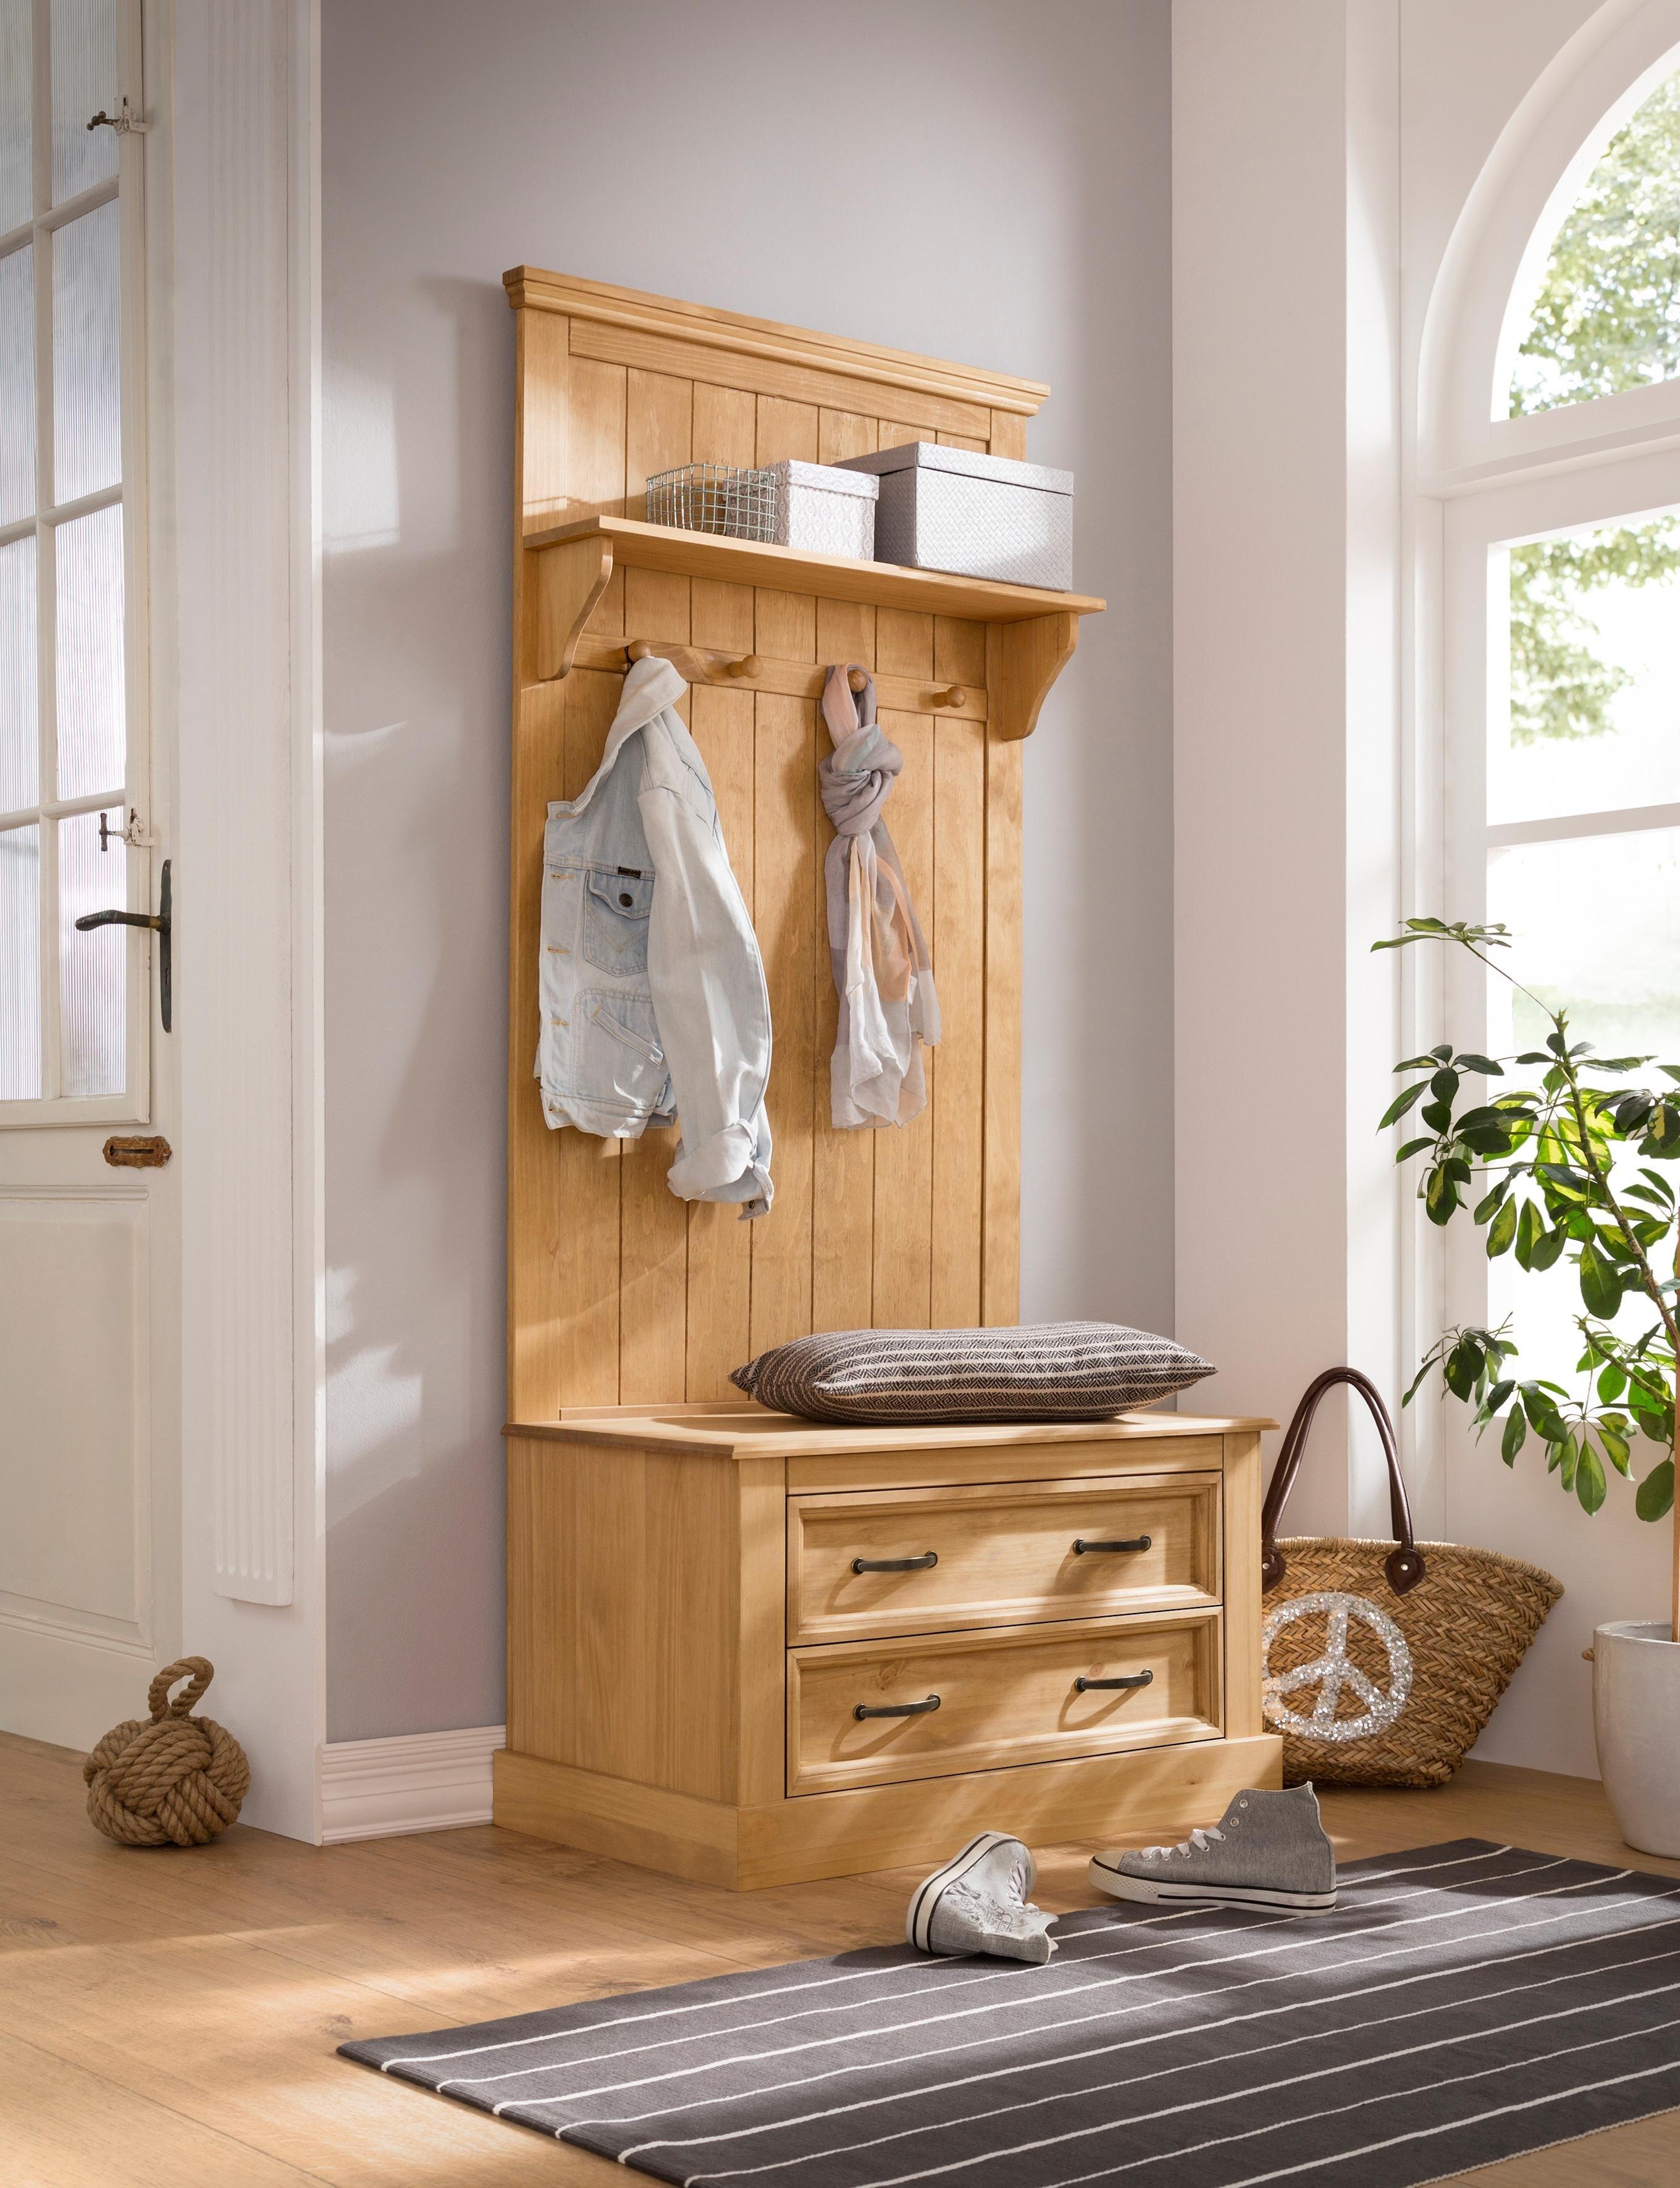 Großartig Möbel Diele Dekoration Von Home Affaire Kompaktgarderobe »selmaÂ«, Mit Hutablage, Mehreren